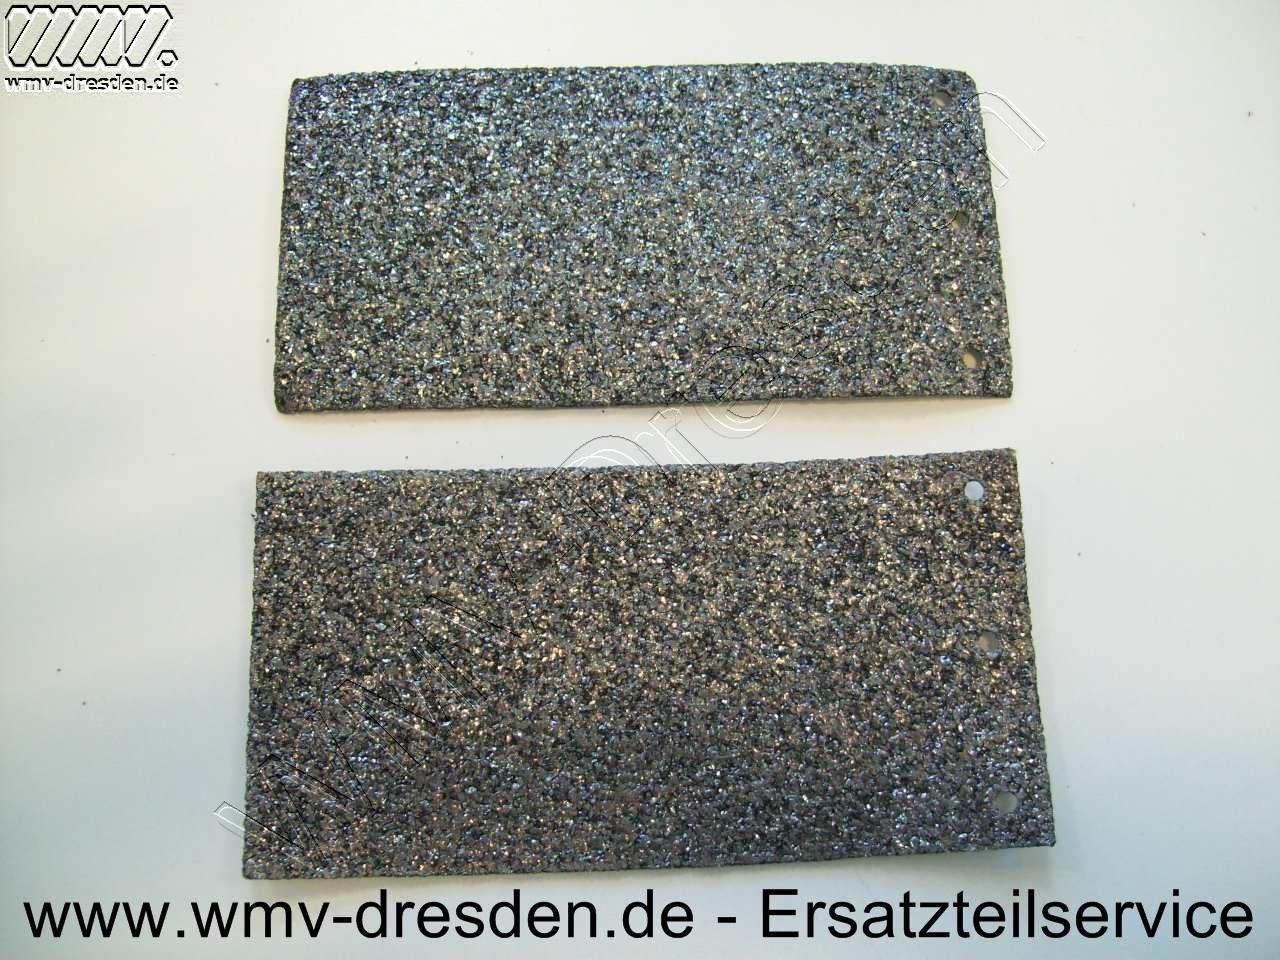 Schleifunterlage >>> 2er Pack 150 mm x 77 mm, an einer Stirnseite 3 Befestigungslöcher <<<